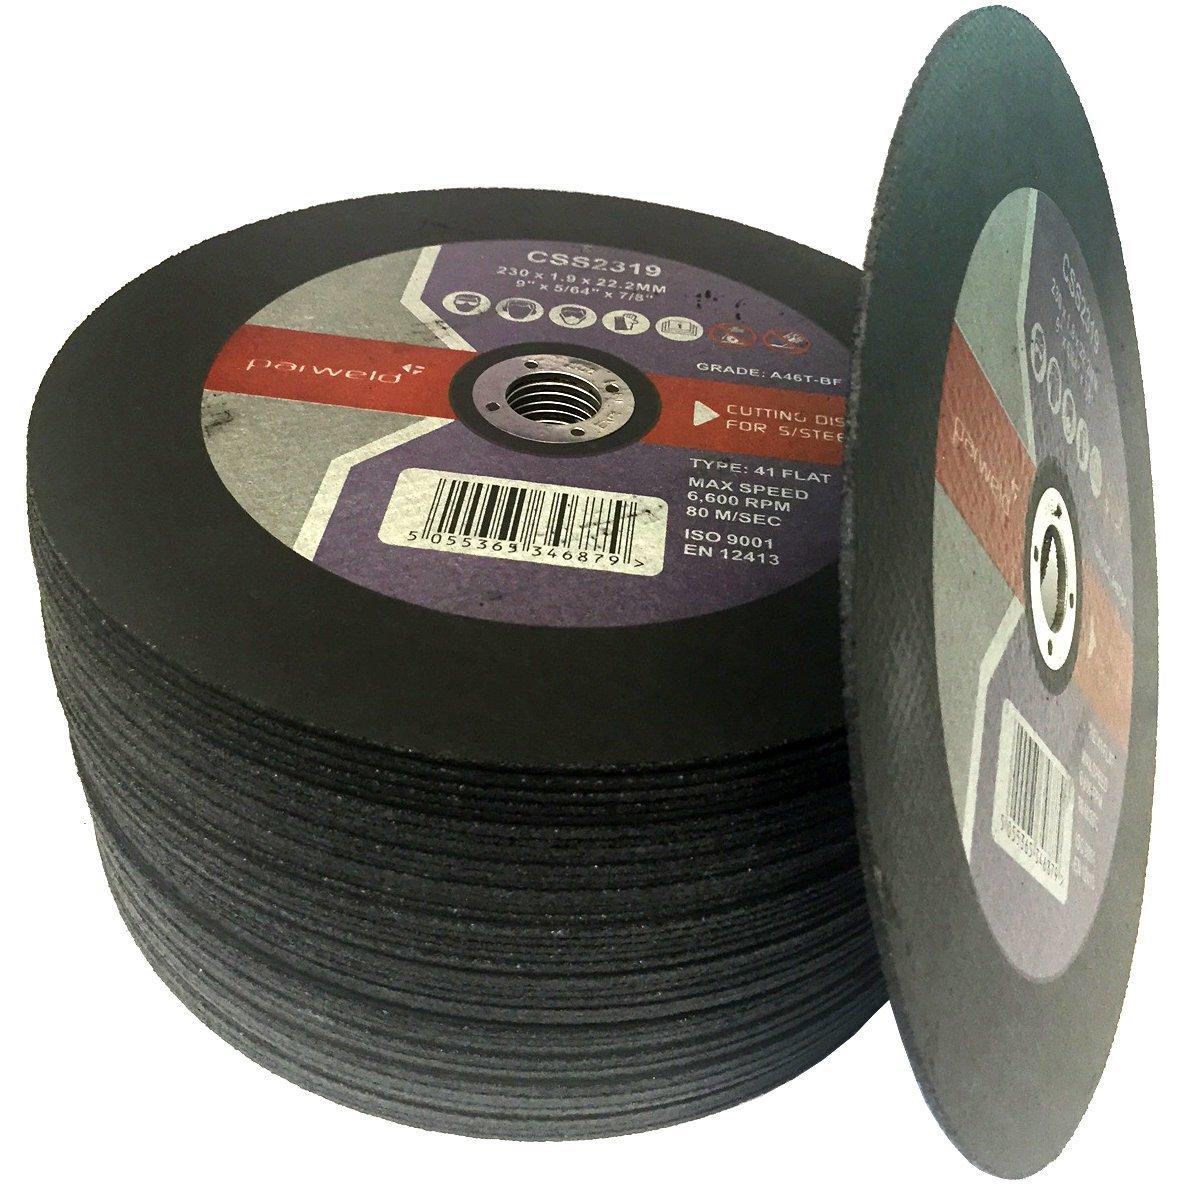 parweld /fendre Disques 22,9/cm 230/mm x 1,9/mm Fin en acier inoxydable de coupe disques M/étal/ Pack de 25